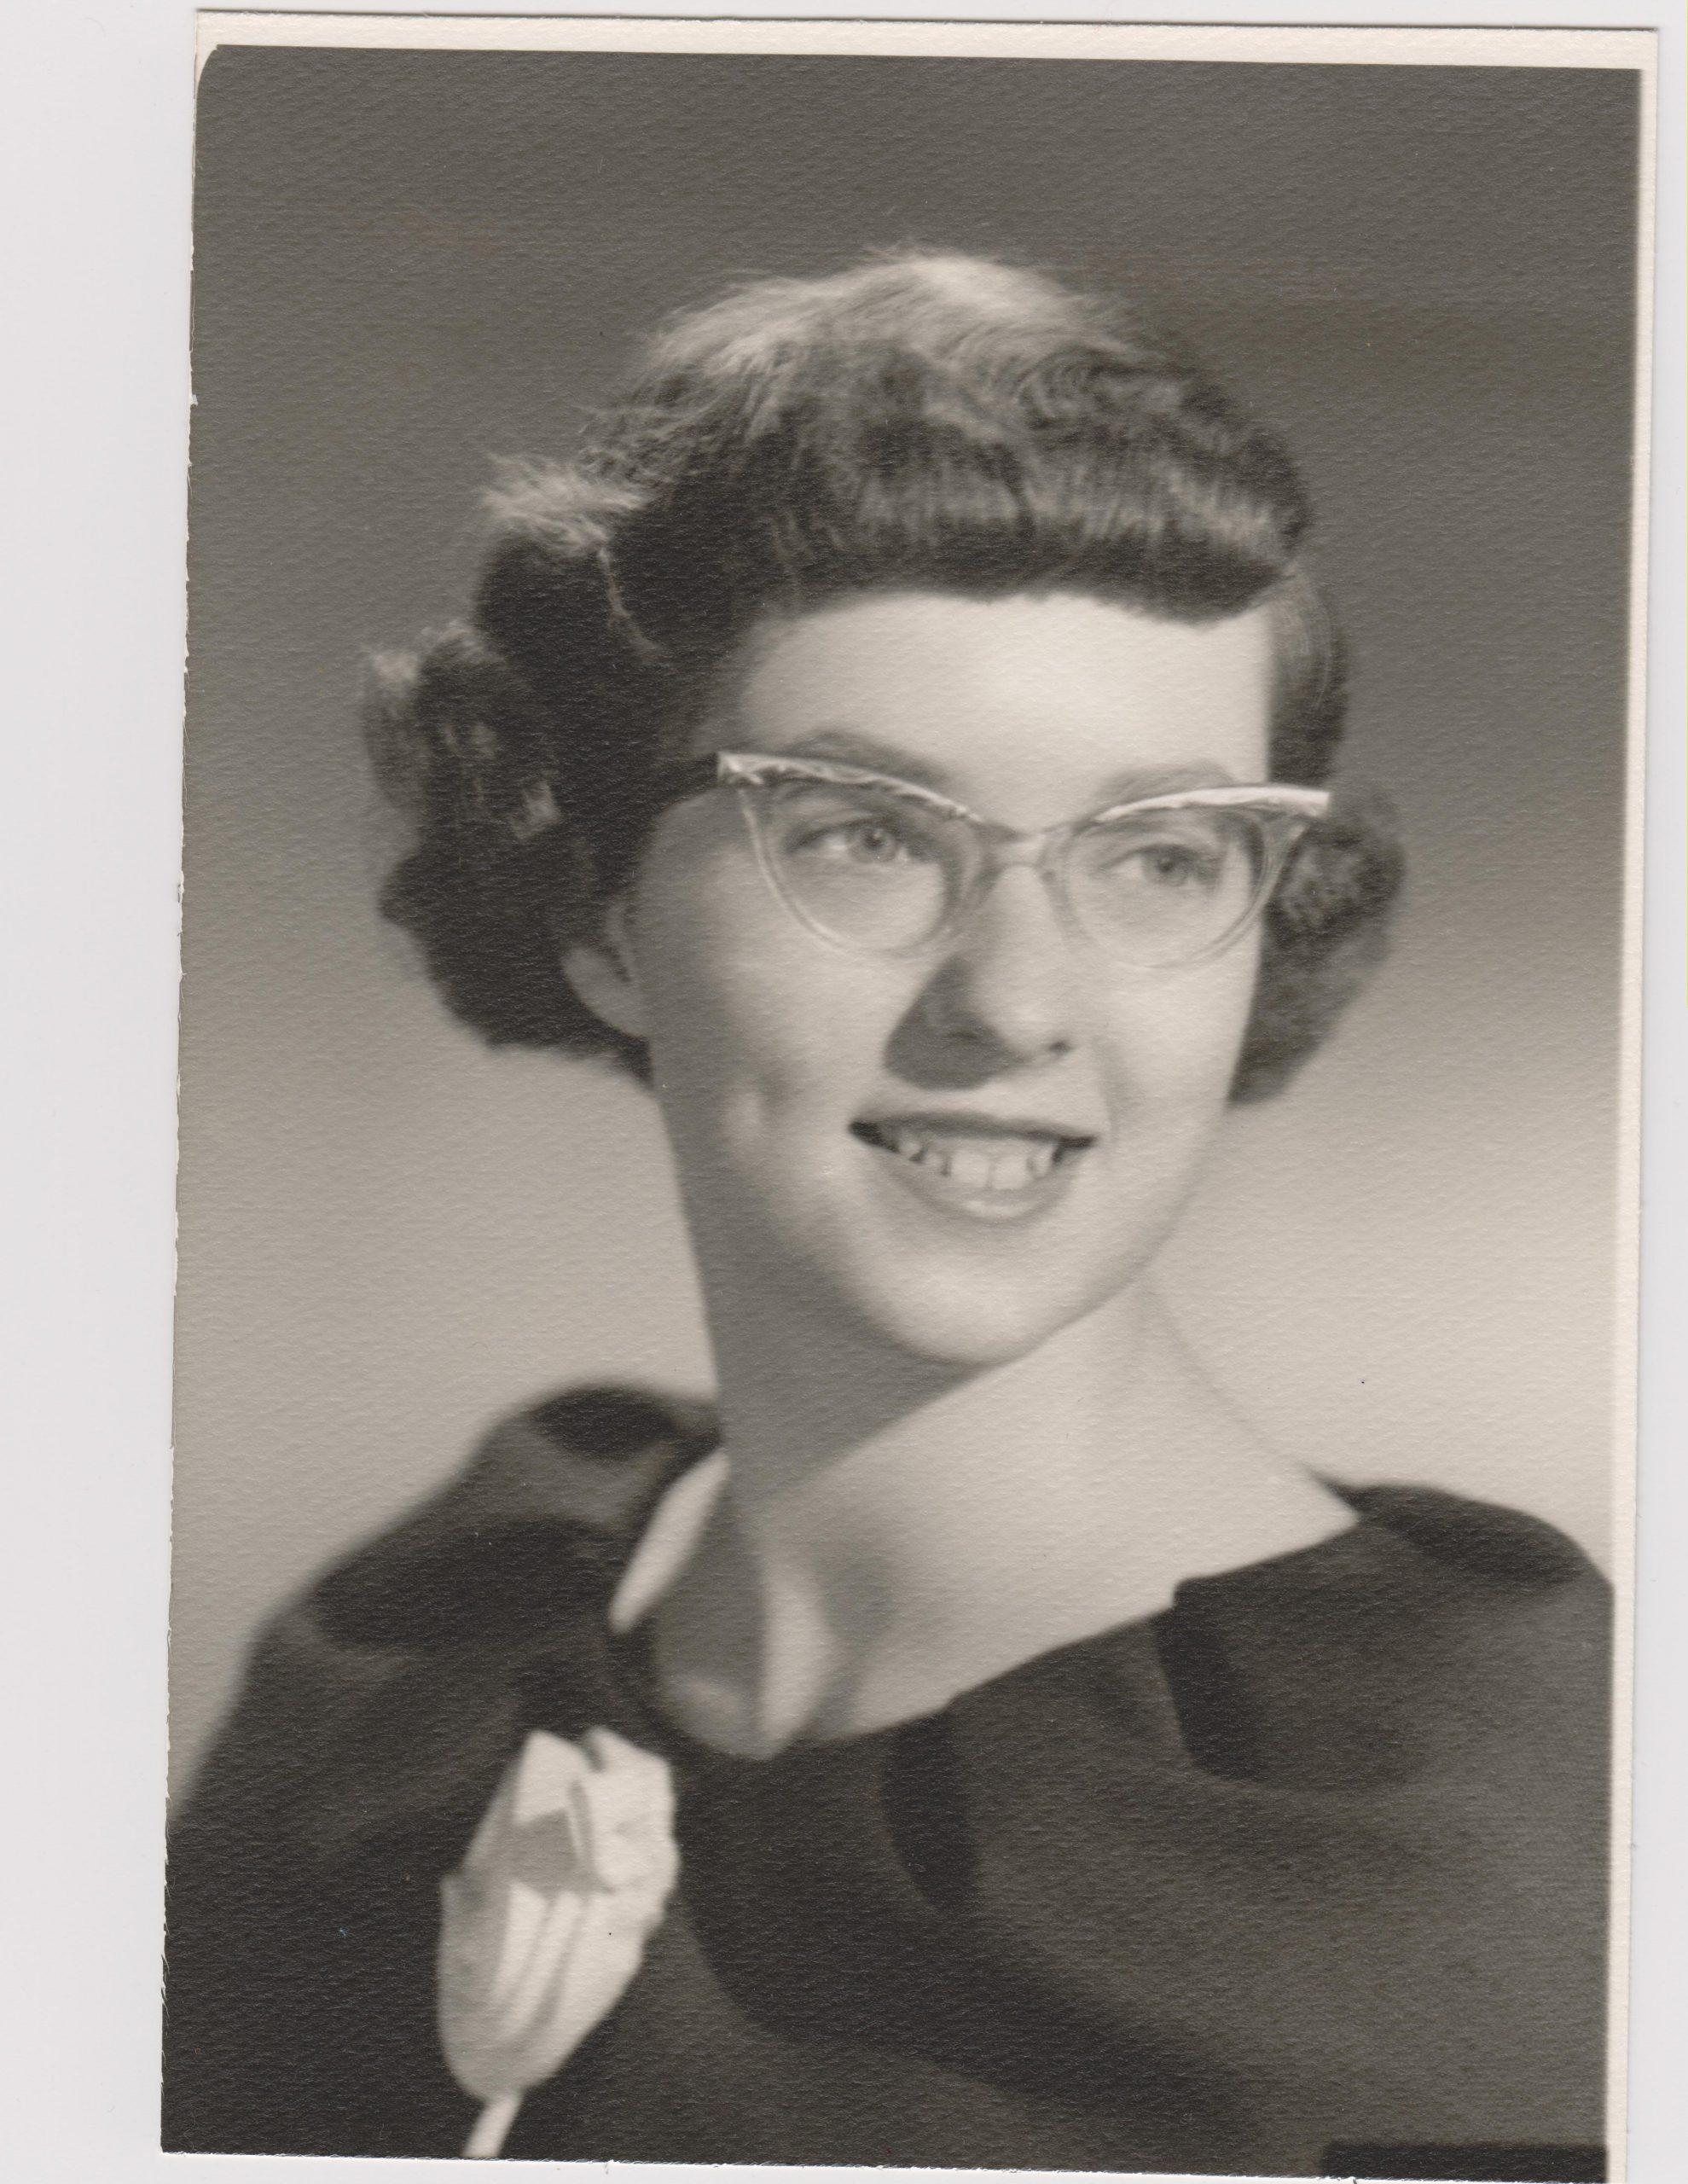 Kathleen Ross, snjm as a junior in high school, 1957